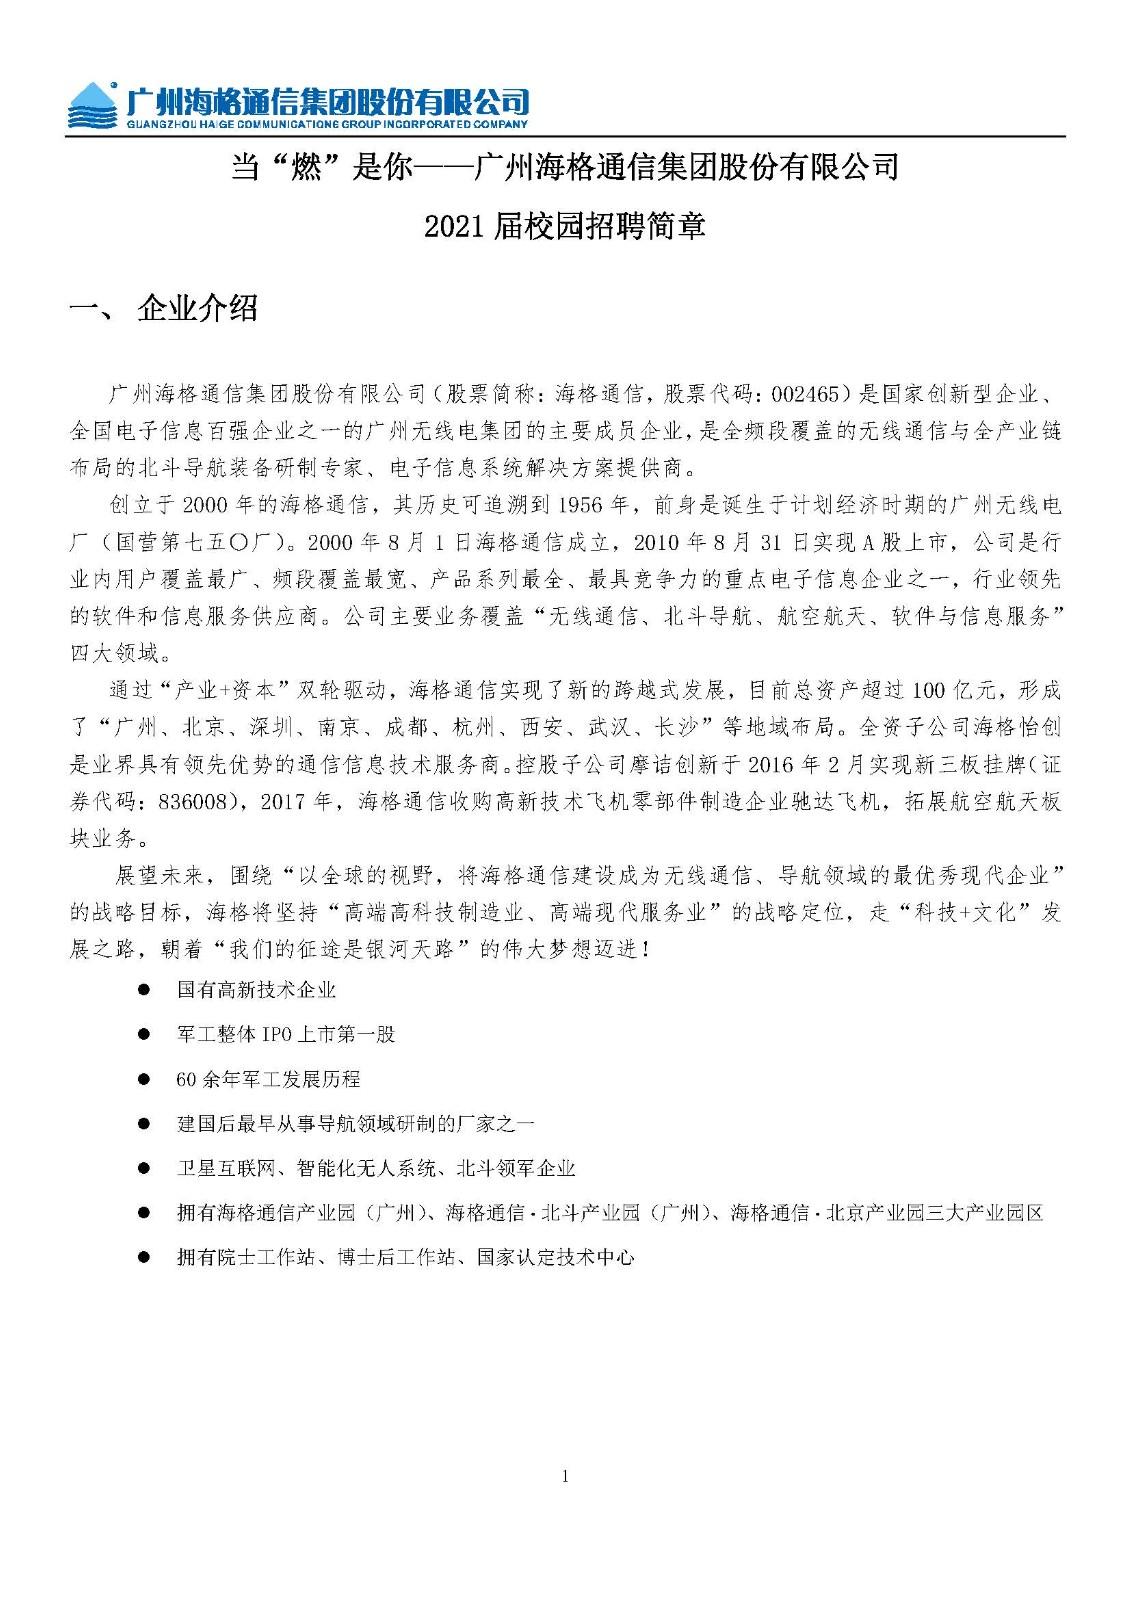 海格通信2021届招聘简章20210226_页面_1.jpg